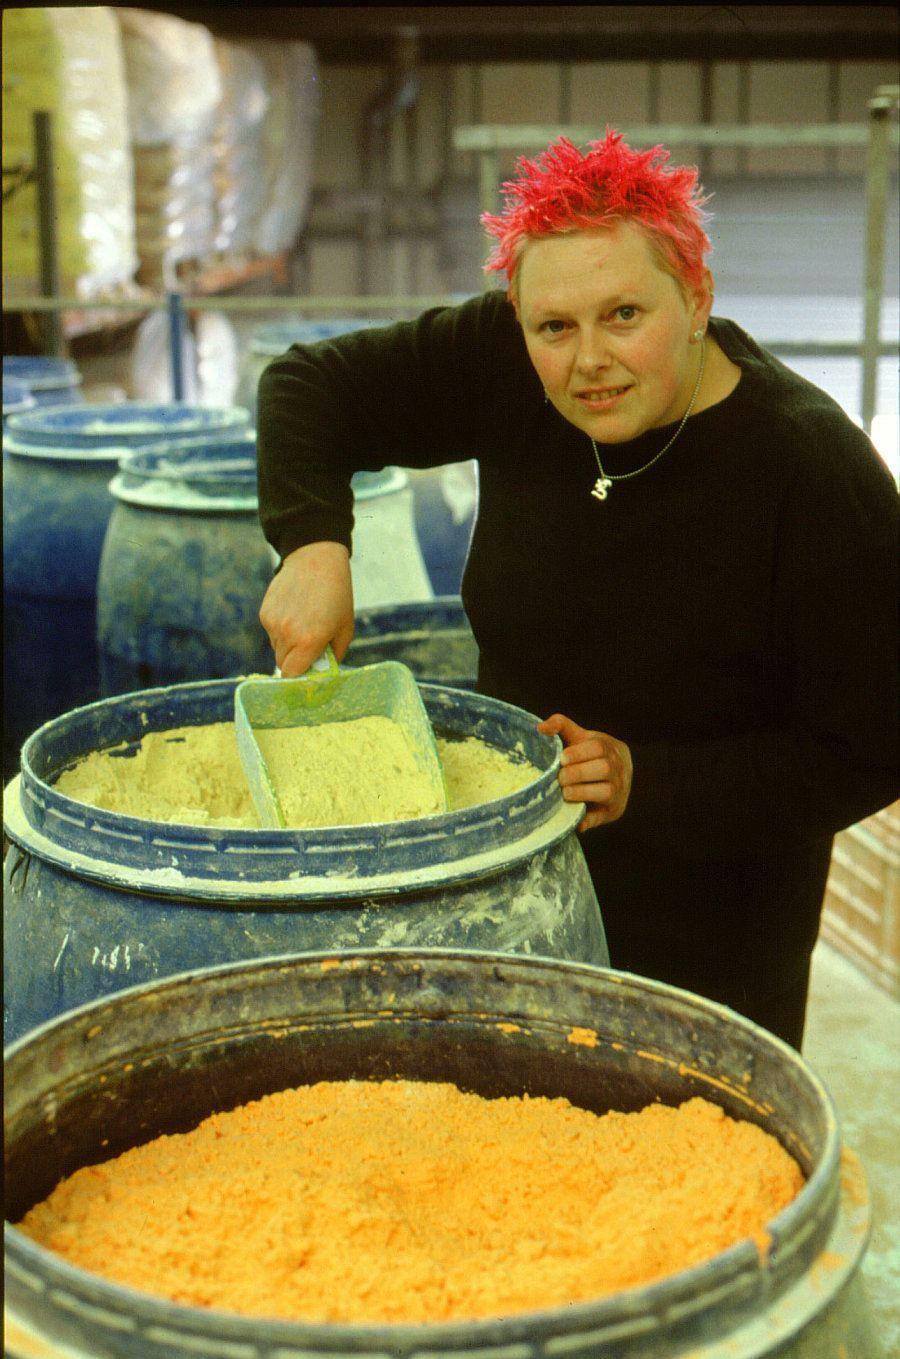 Hilary Jones na época em que trabalhava na fábrica da Lush, em Poole, na Inglaterra, há 20